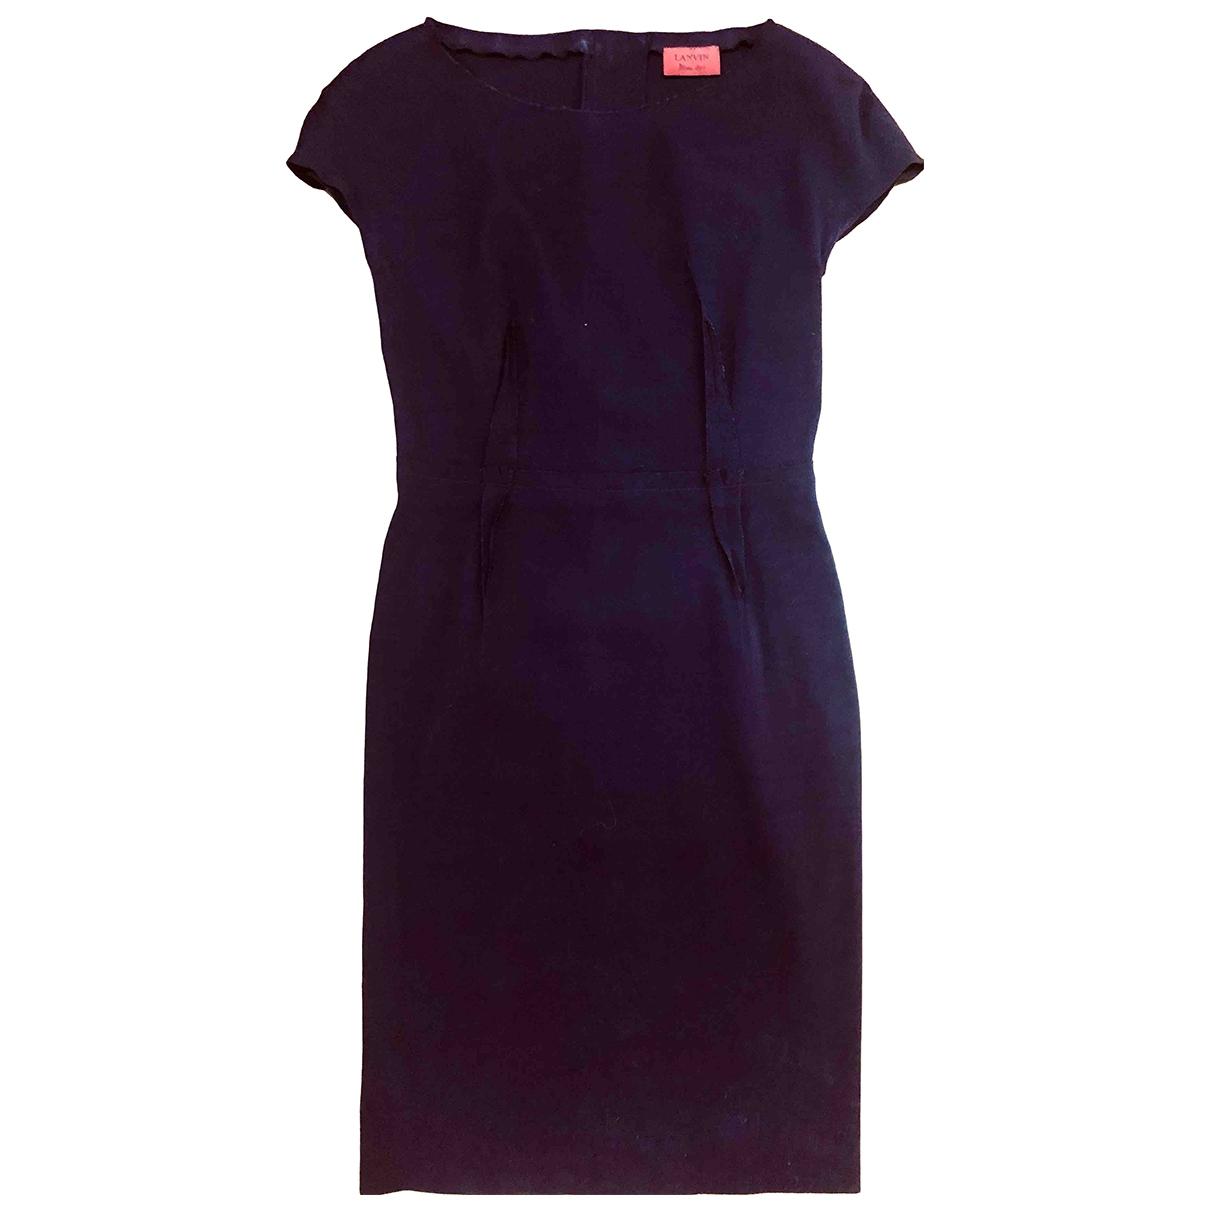 Lanvin \N Kleid in  Bordeauxrot Wolle